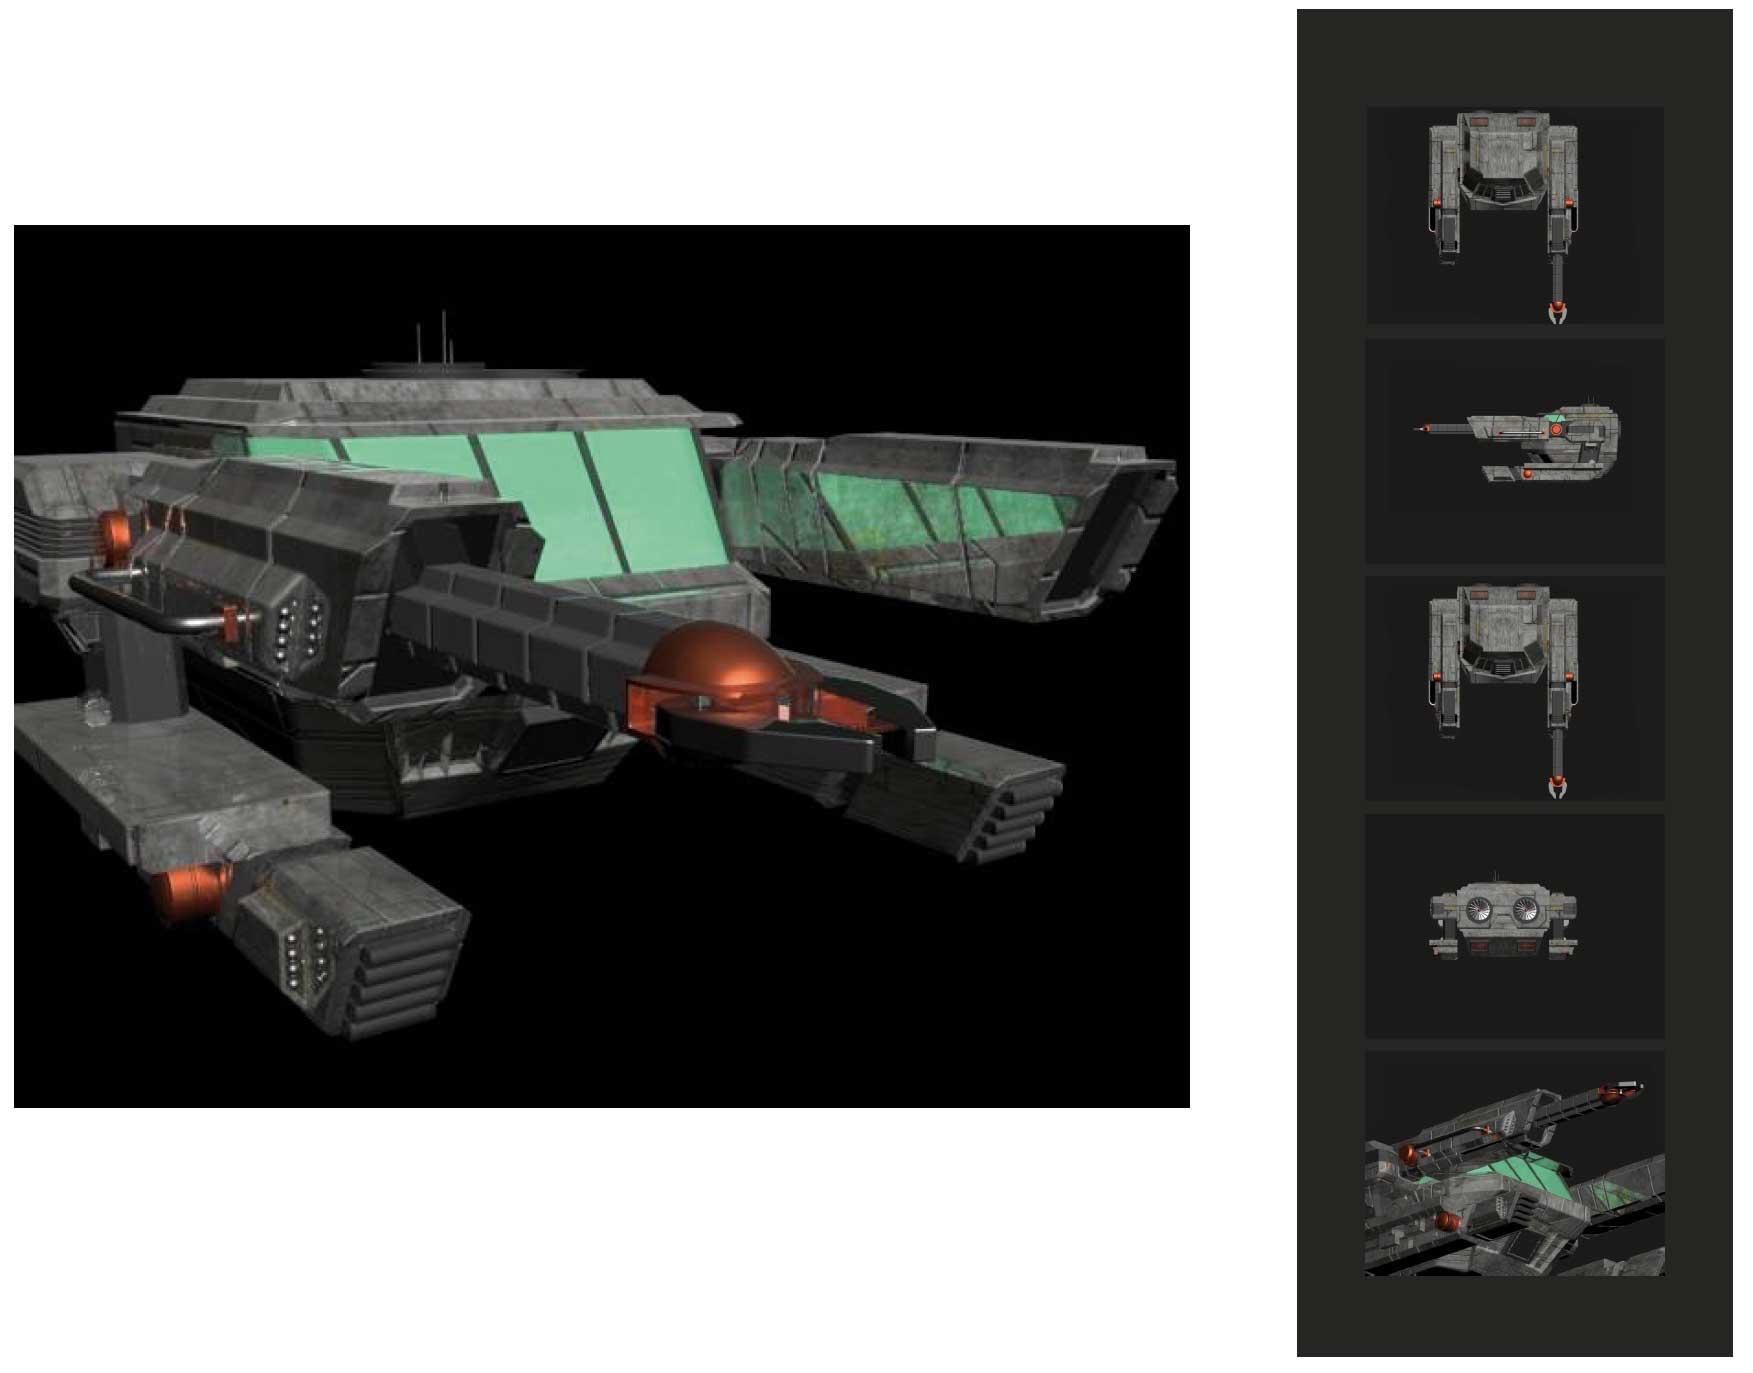 Raumschiff-Gamedesign-Entwurf